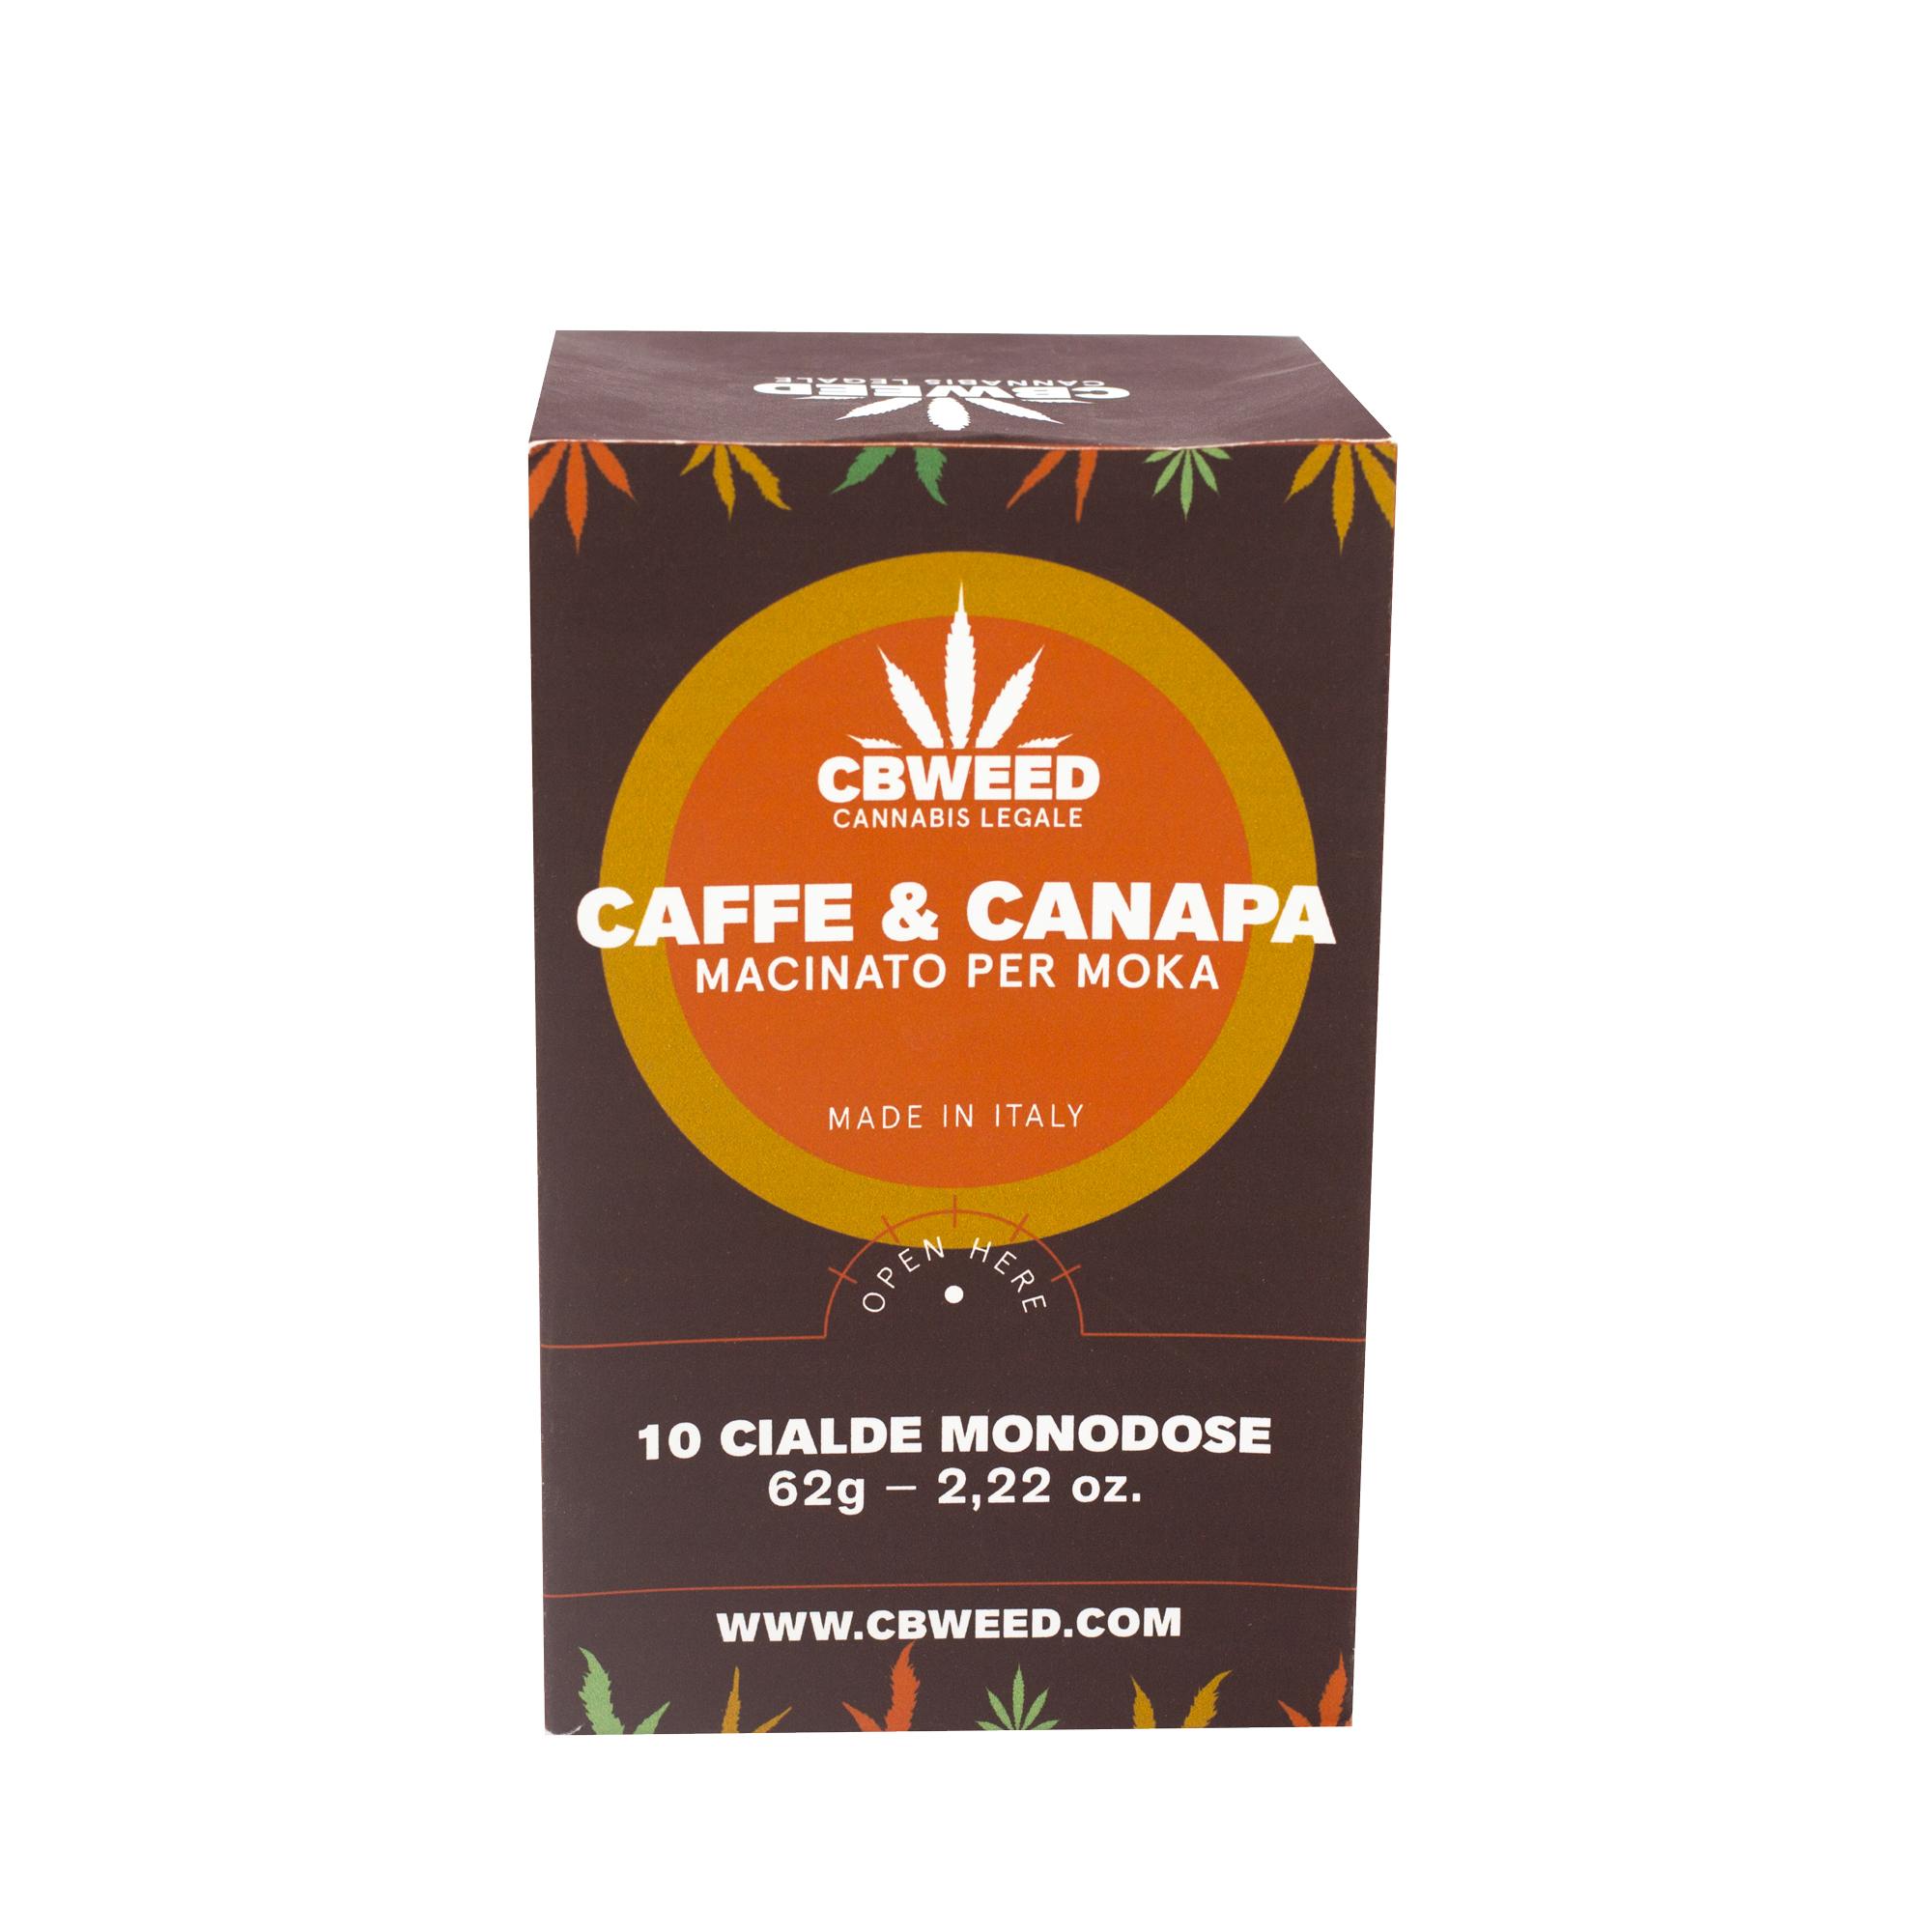 caffè blister - Caffe & Canapa - 10 Cialde Macchinetta